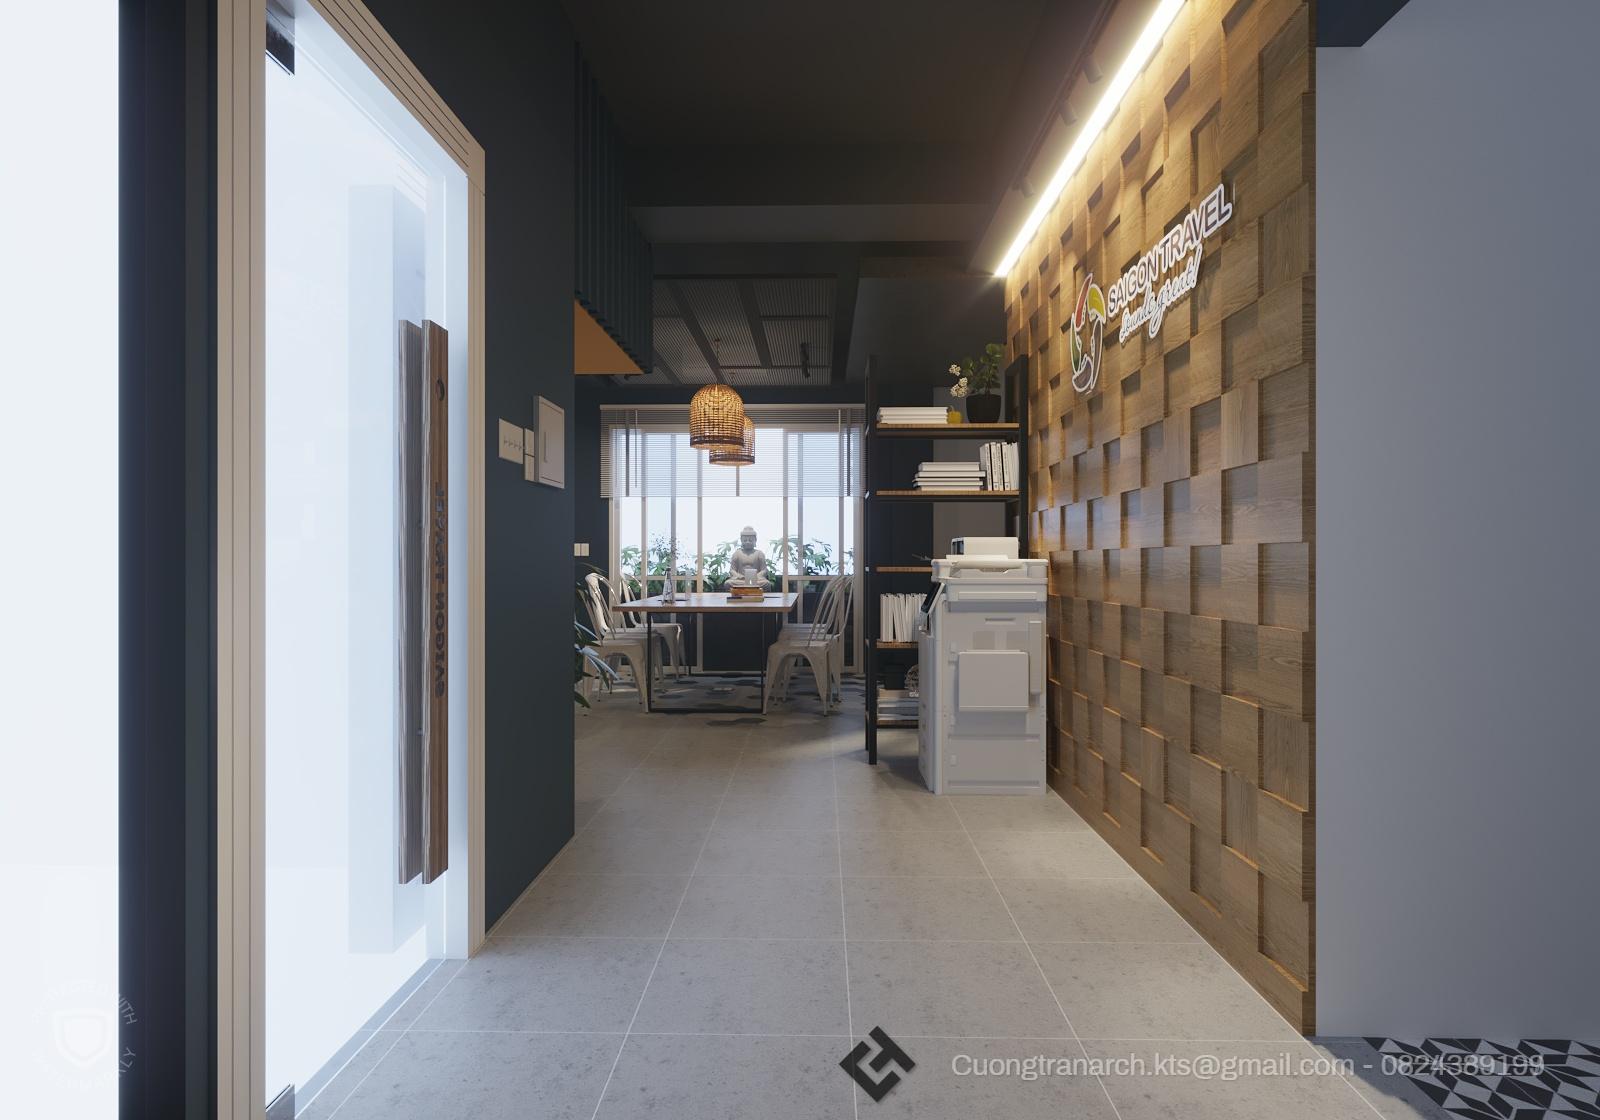 thiết kế nội thất Văn Phòng tại Hồ Chí Minh VĂN PHÒNG LÀM VIỆC CÔNG TY VIET TRAVEL - VIET TRAVEL OFFICE 2 1562142886